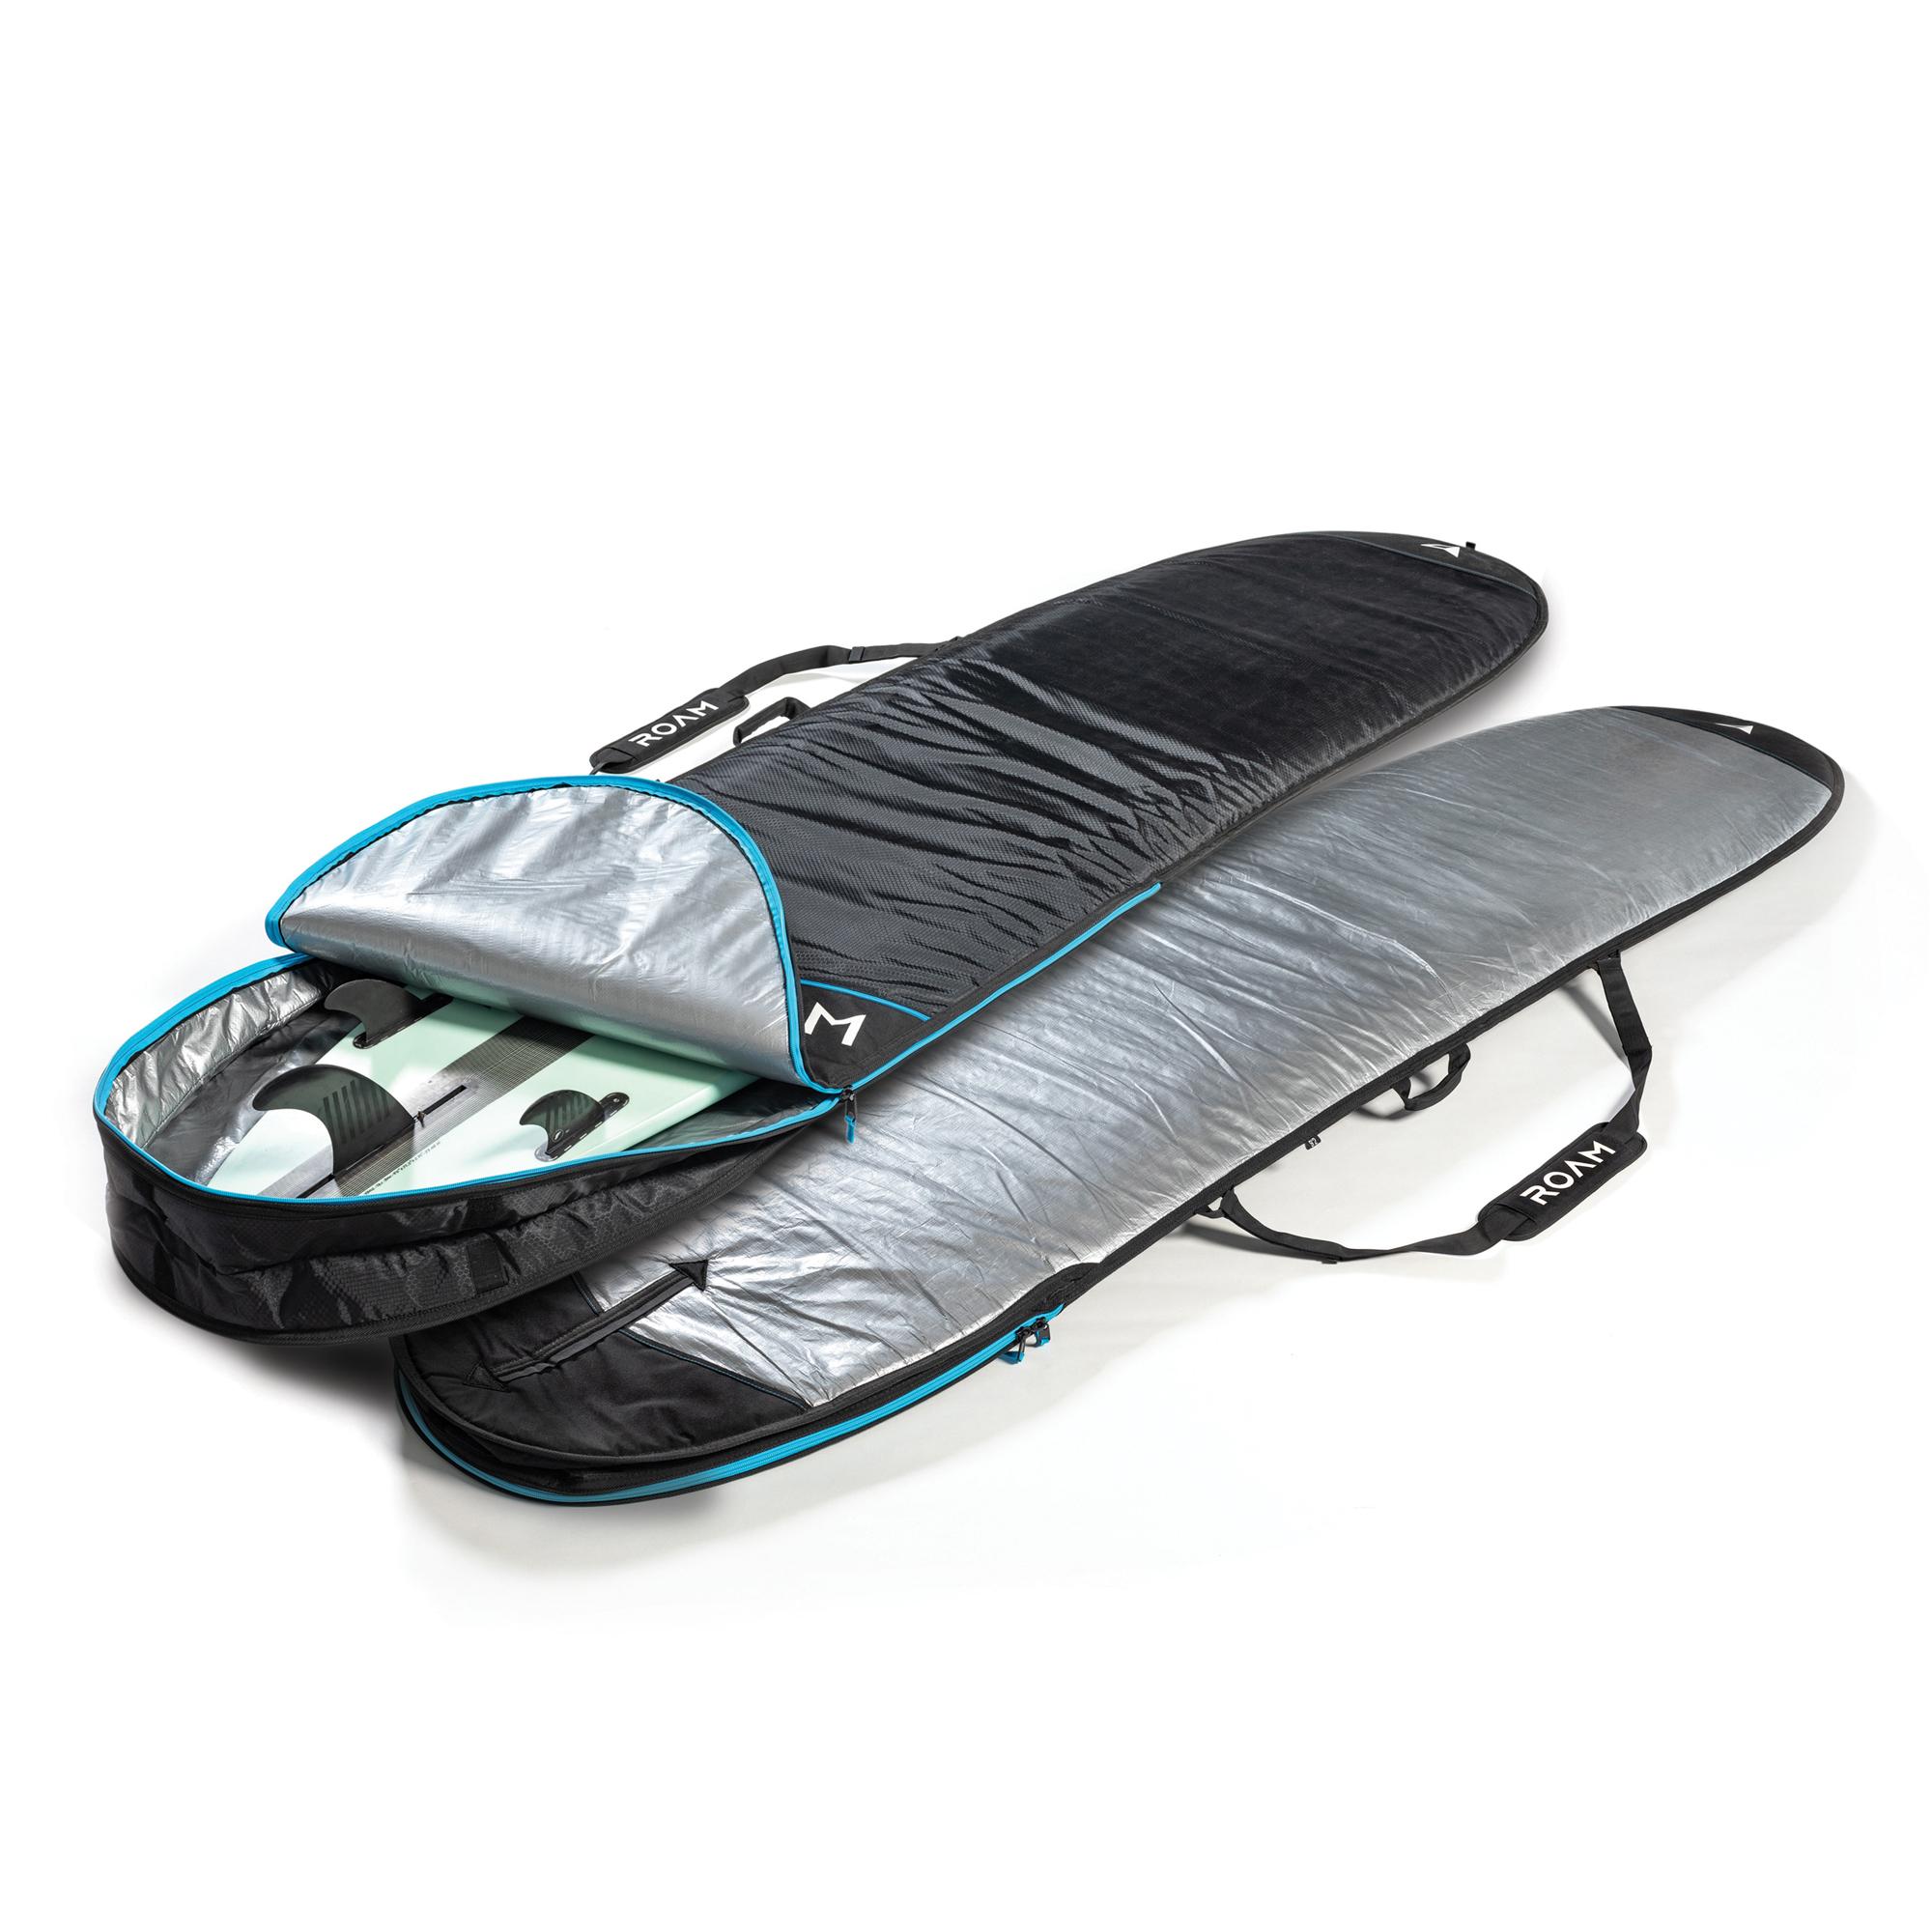 Roam Sac de Surf Planche de Surf tech bag funboard 8.0 Airline Couvercle Sac bag